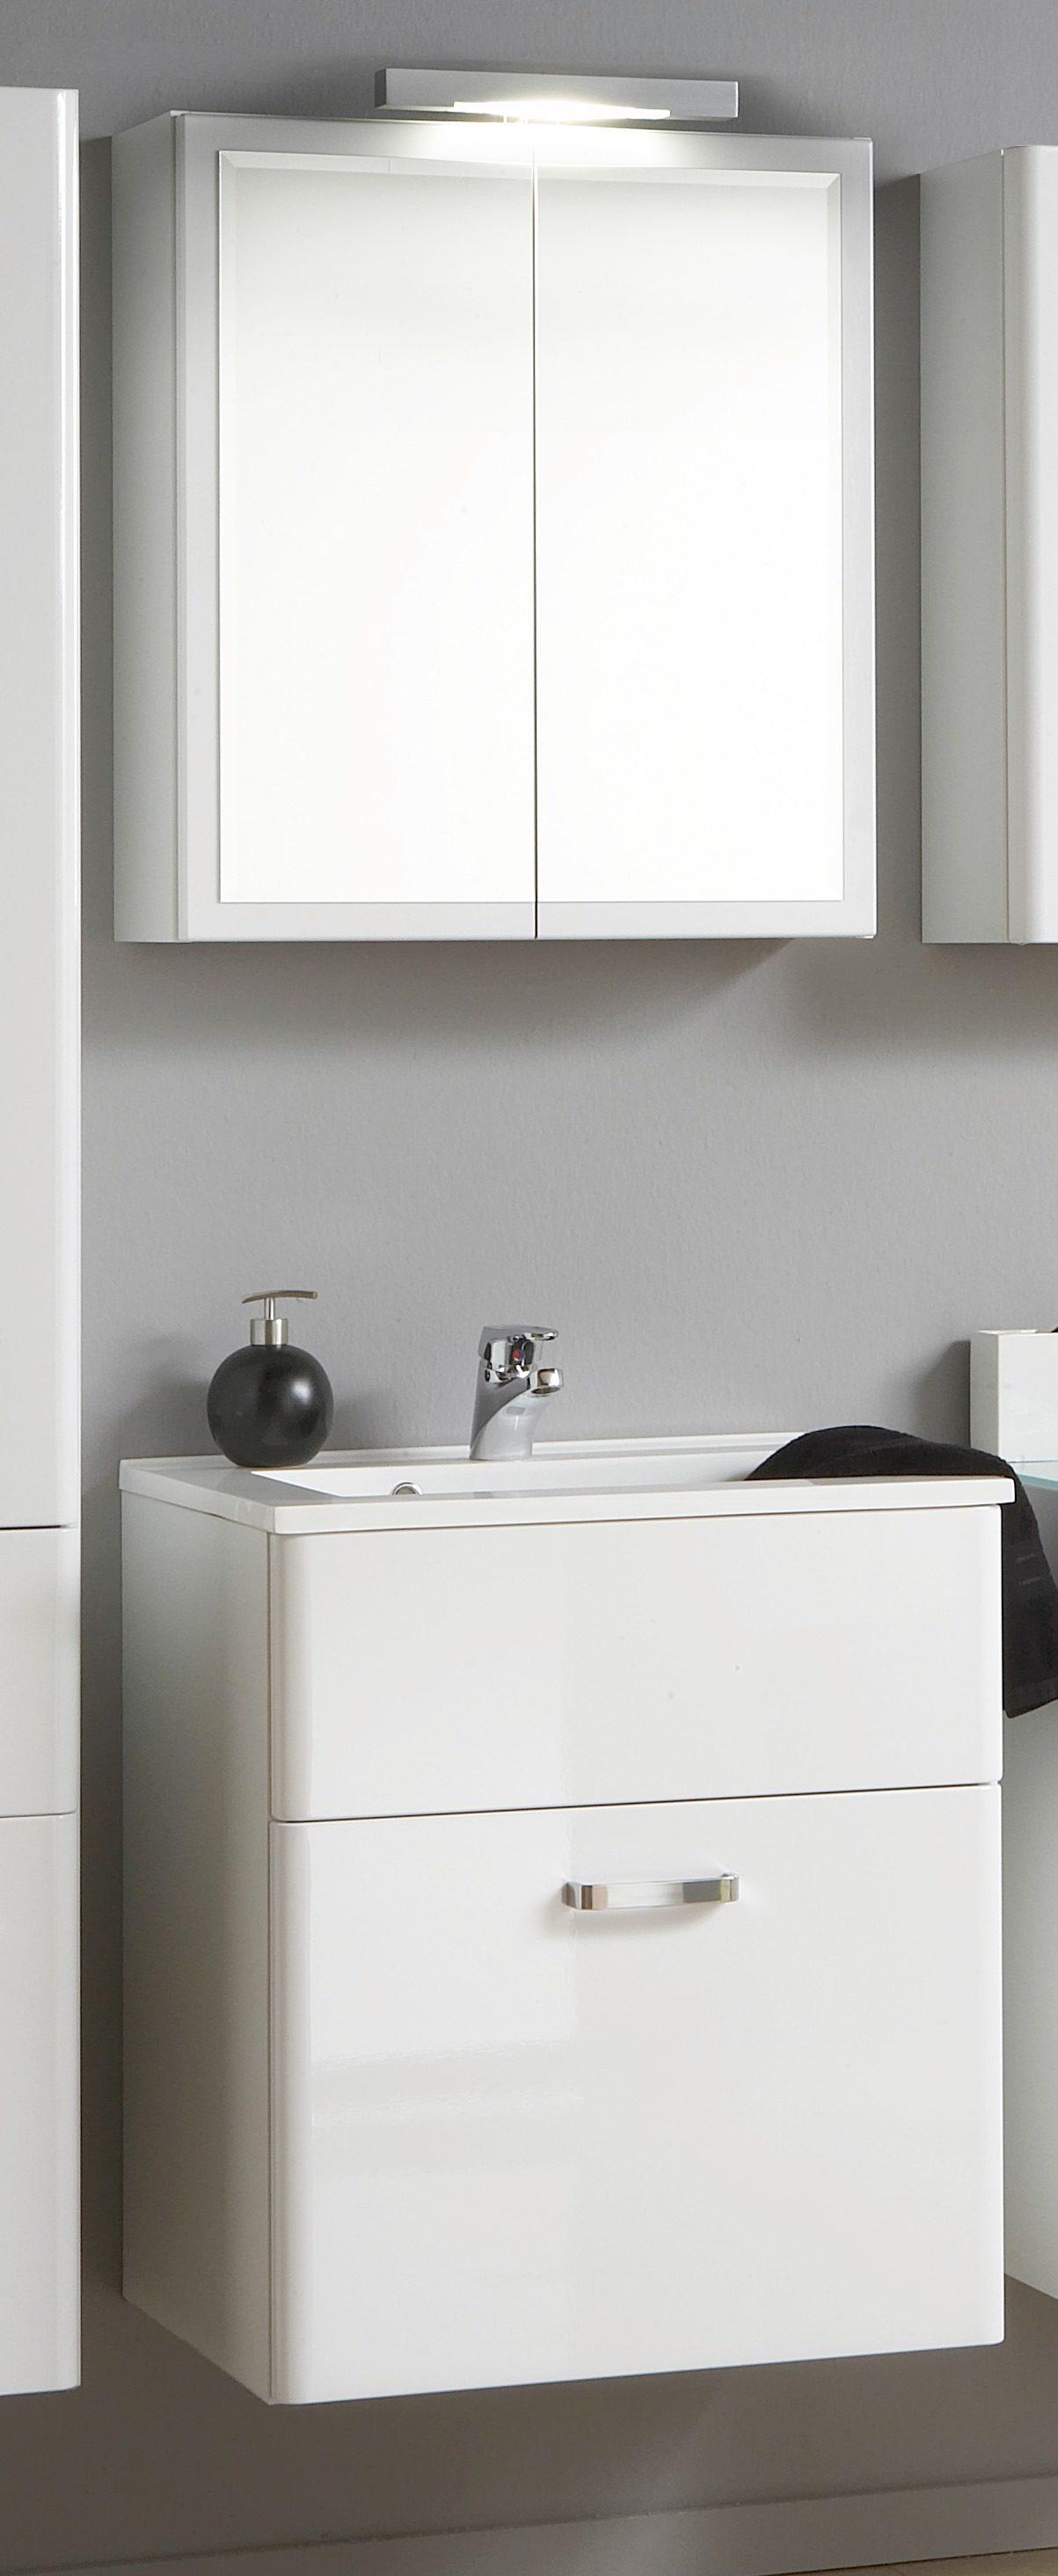 möbel hugelmann lahr | räume | badezimmer | alles für das bad